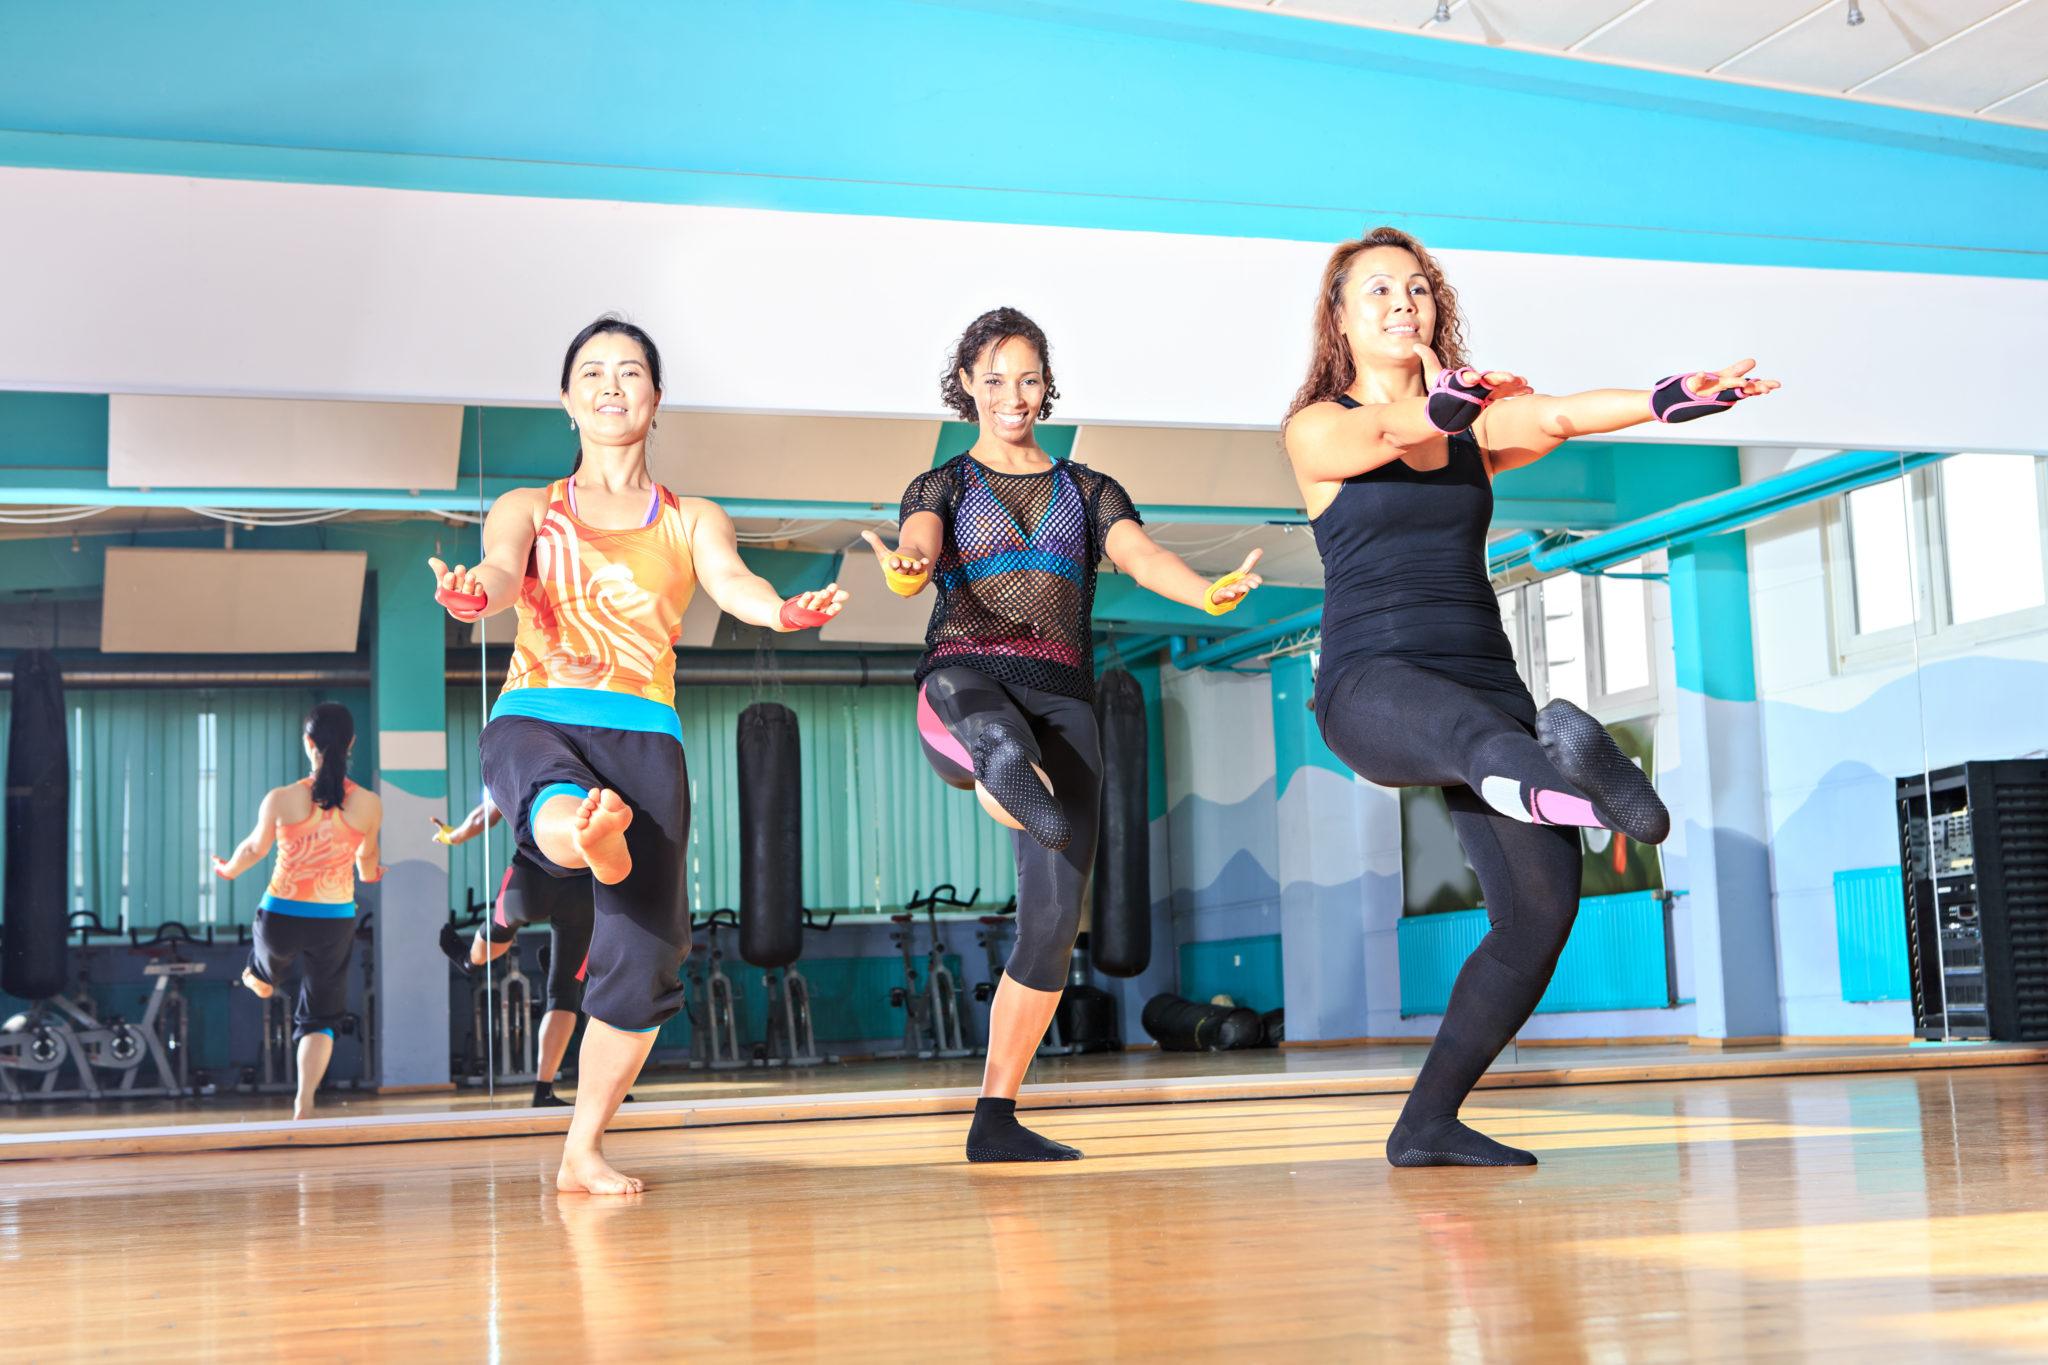 piloxing dance boxe Pilates